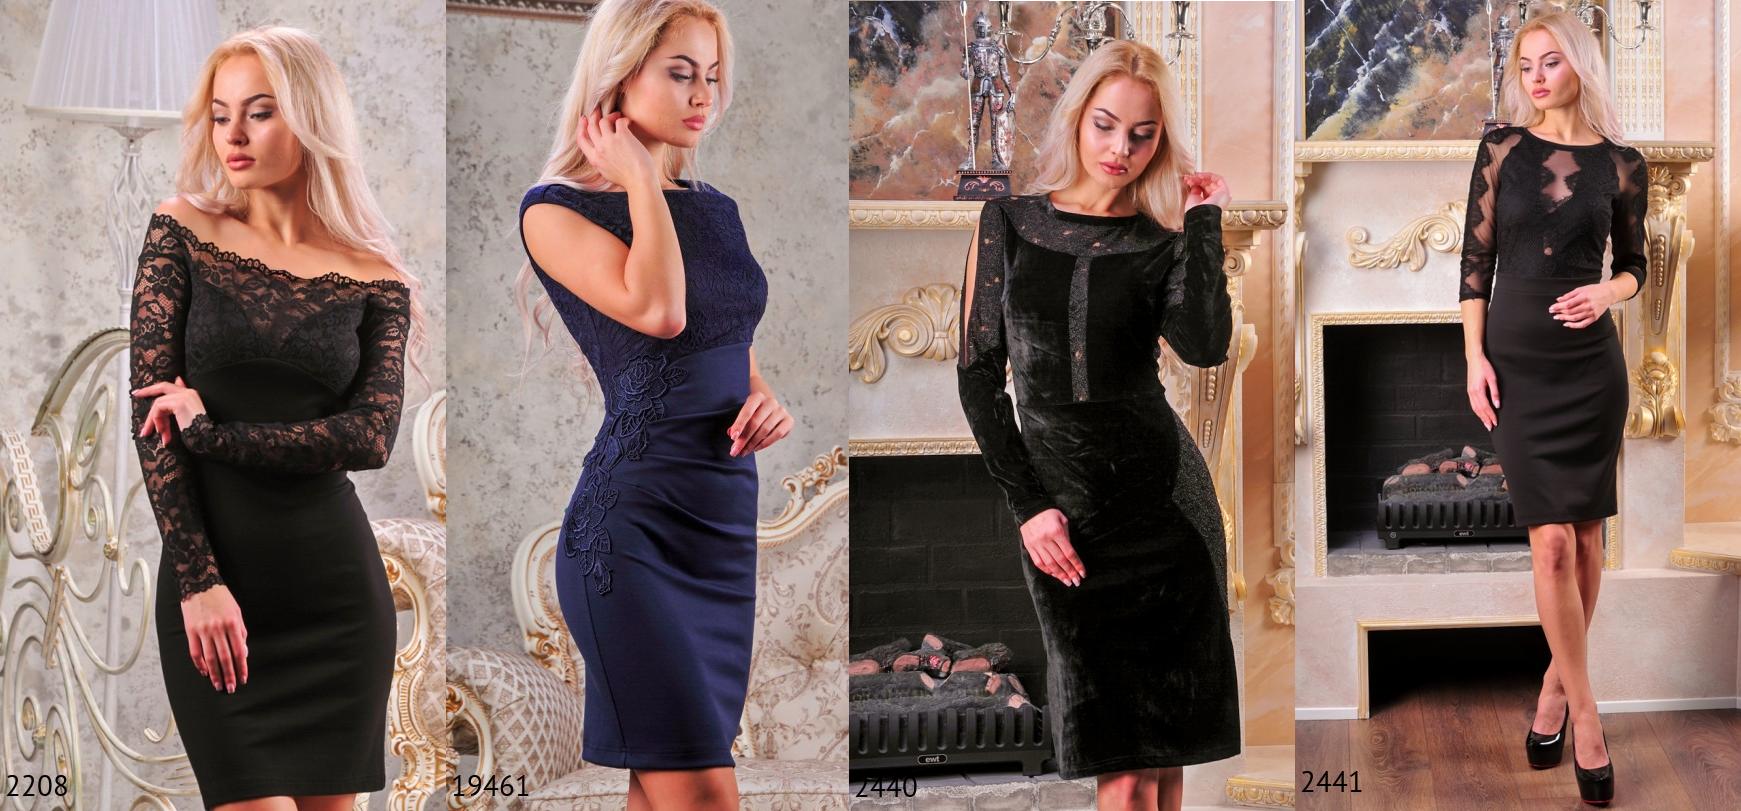 Шикарные платья V@V по доступным ценам к новогодним праздникам! Без рядов! Выбираем пока хорошее наличие. Раздачи 20-25 ноября.